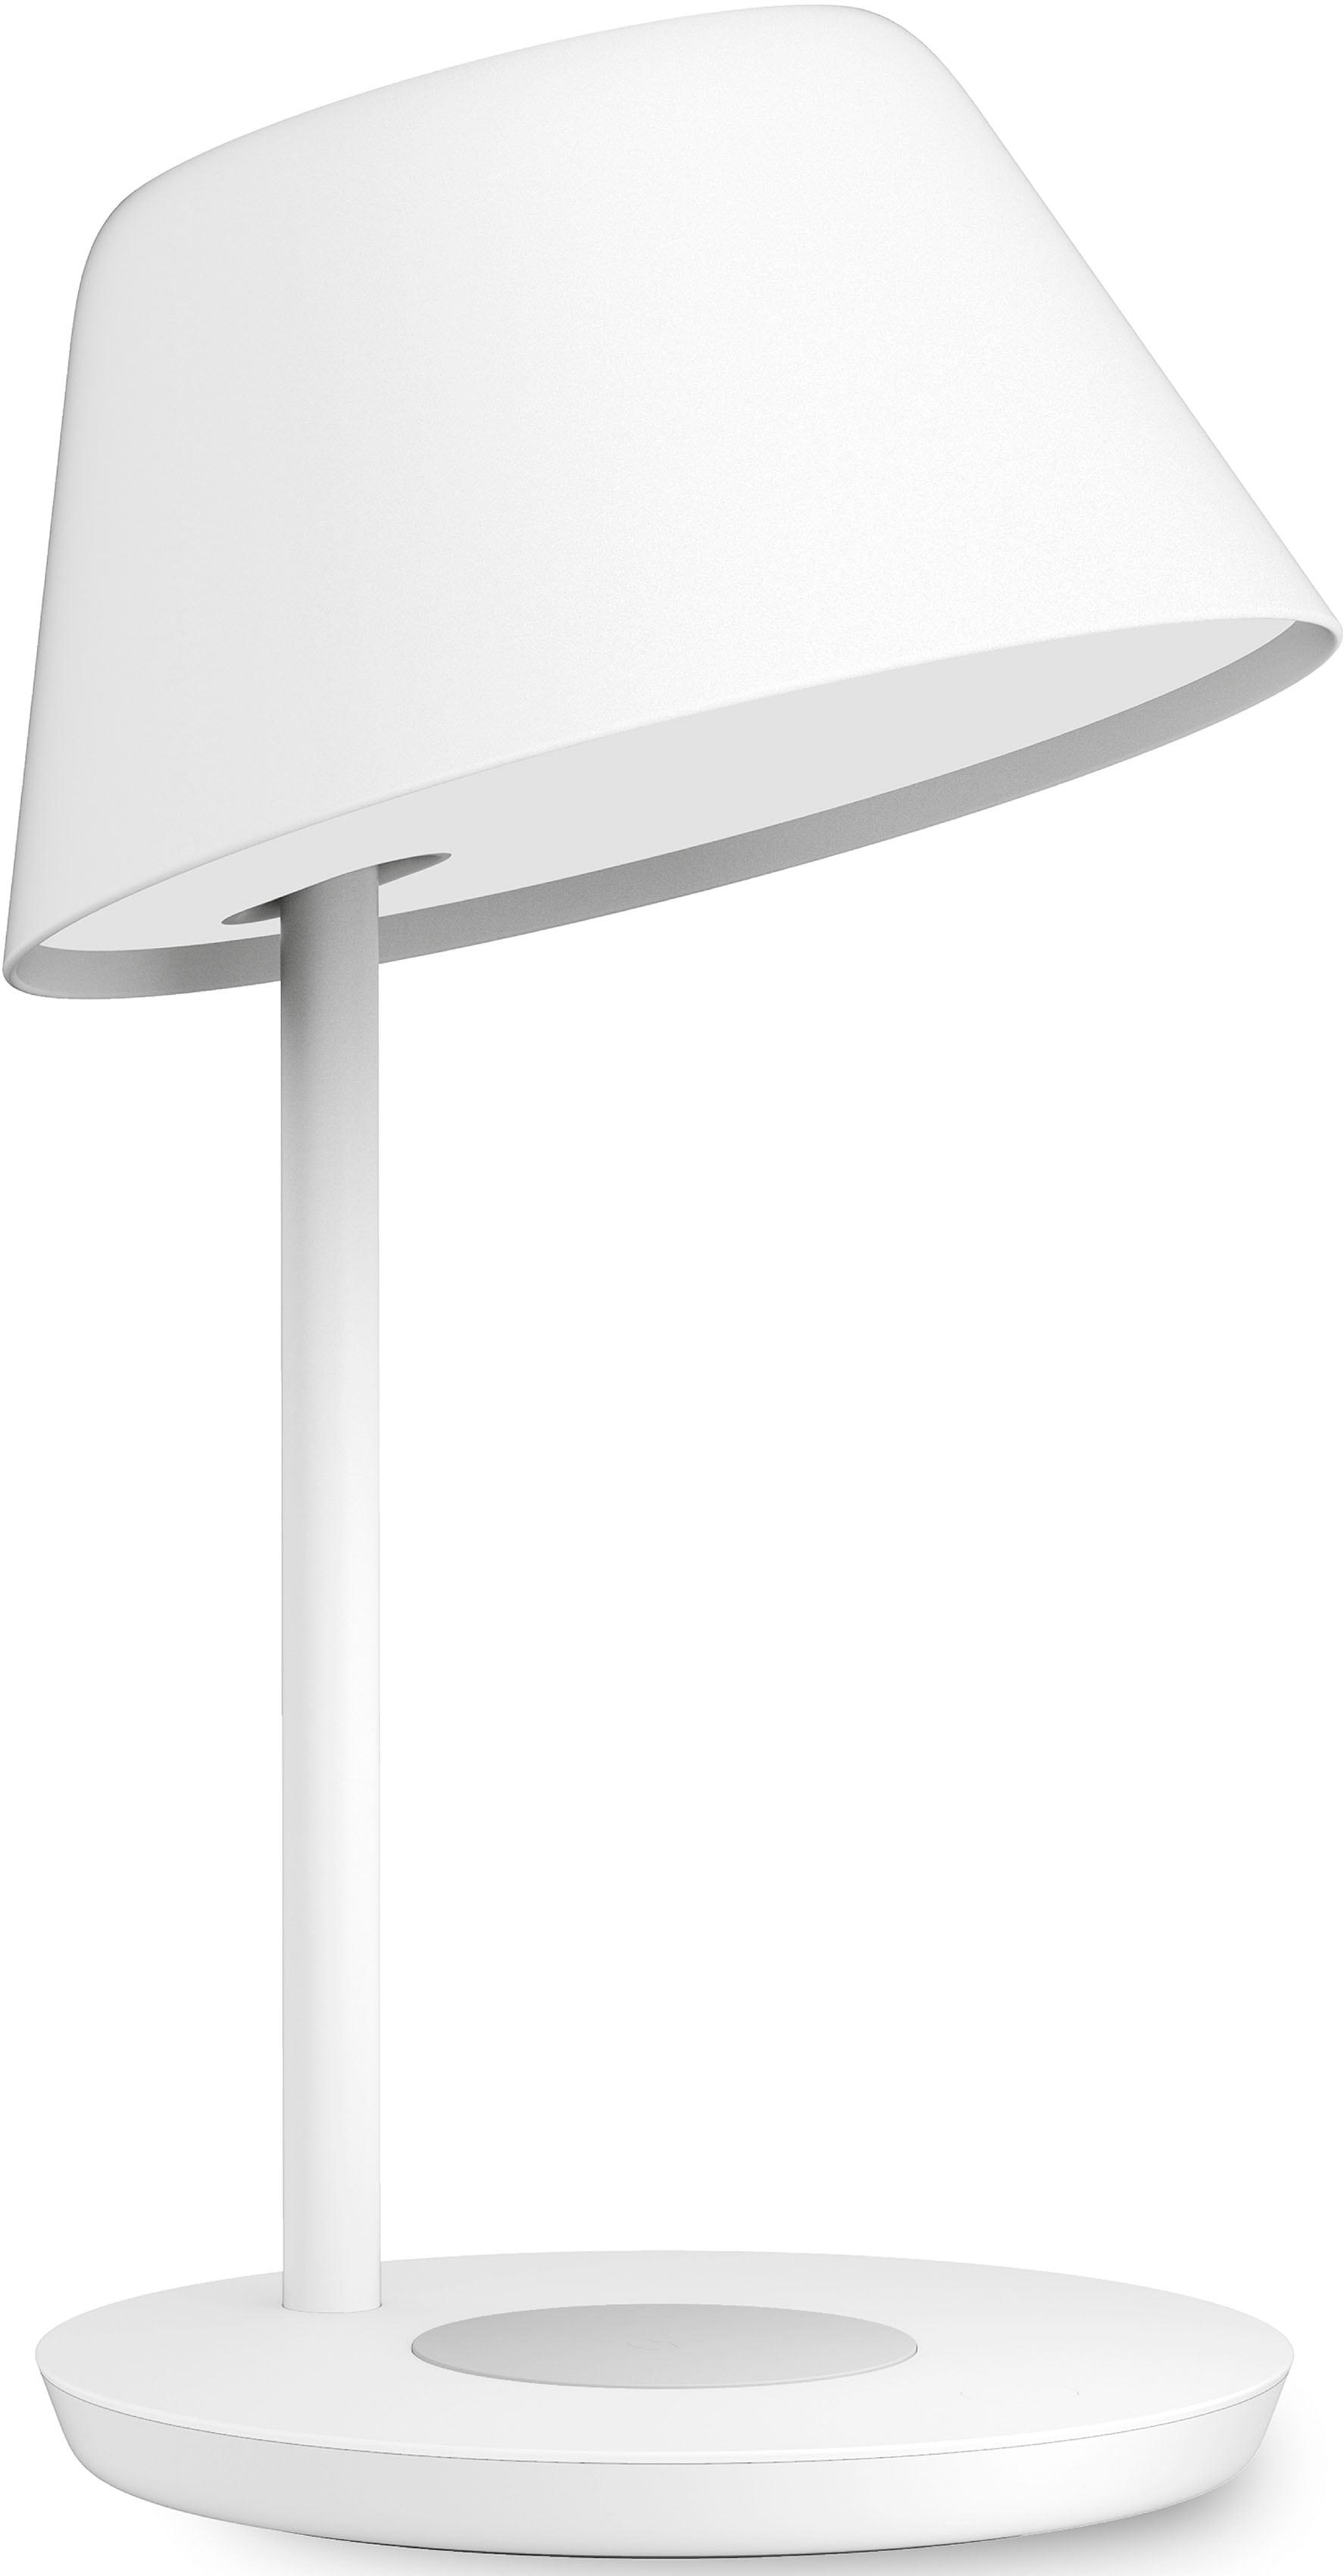 yeelight LED Tischleuchte Yeelight Staria Nachttischleuchte Pro